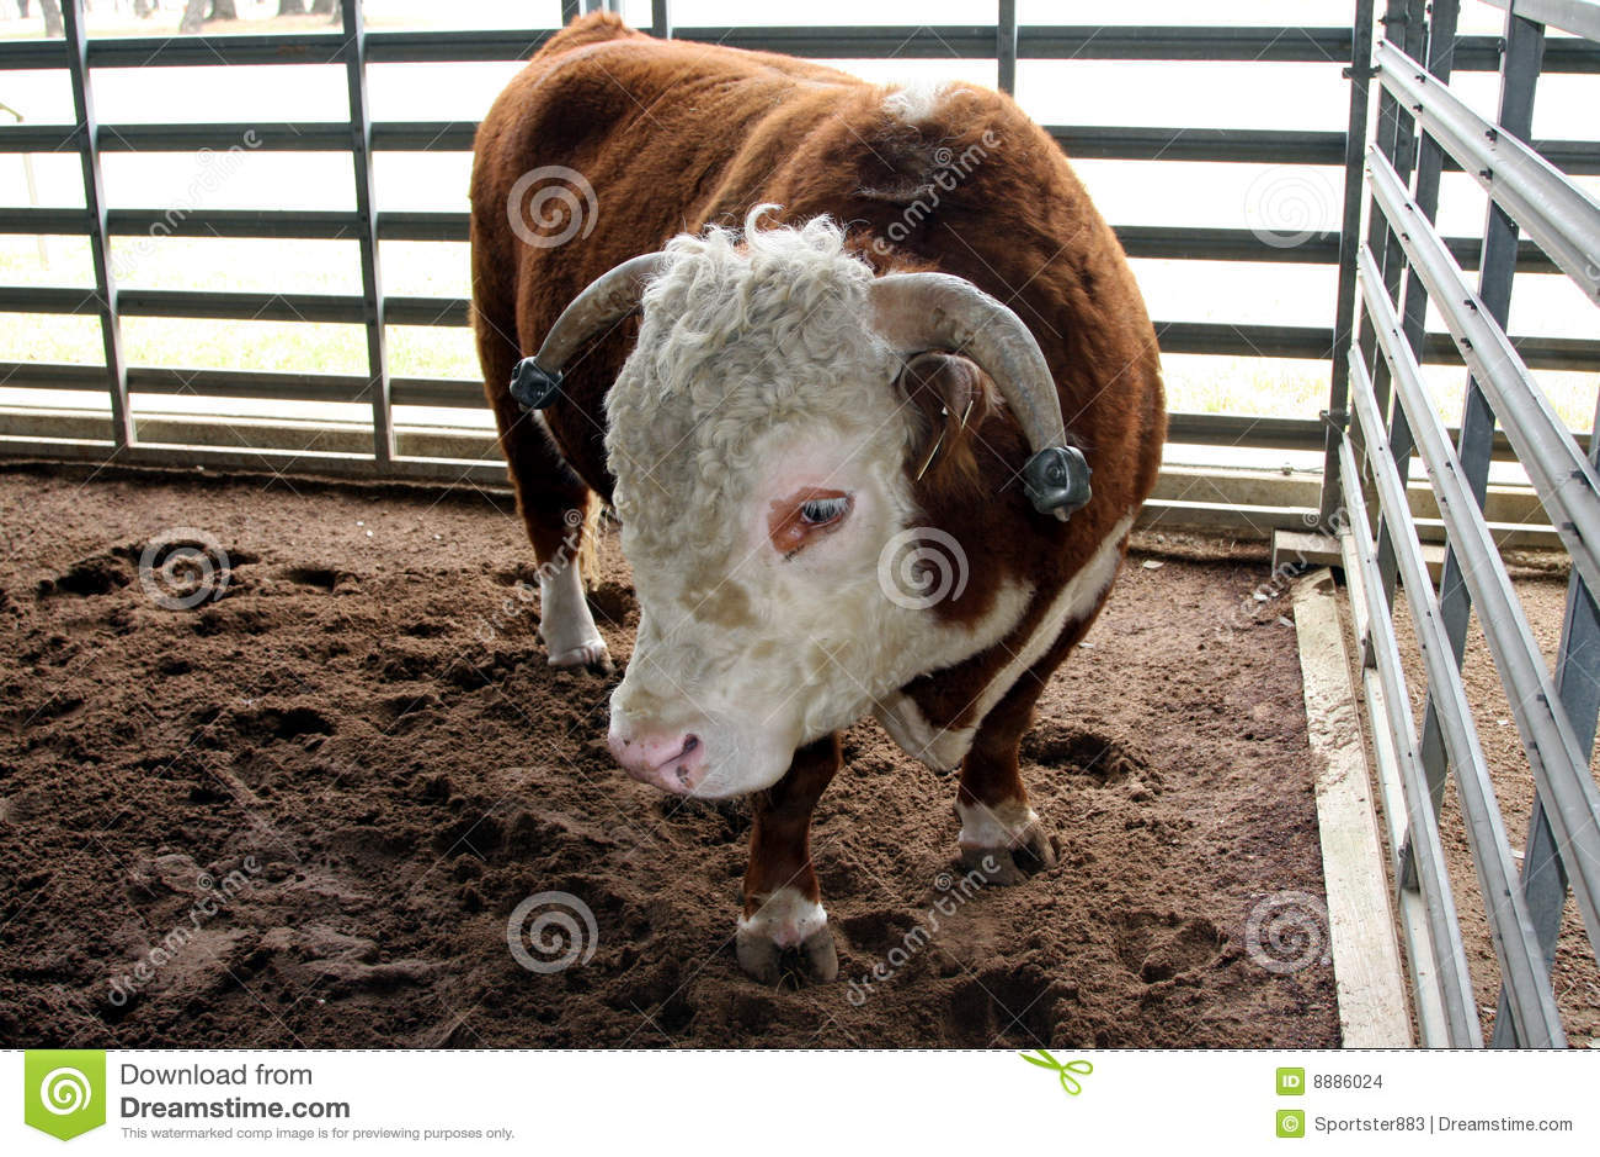 Hereford Preis Bull